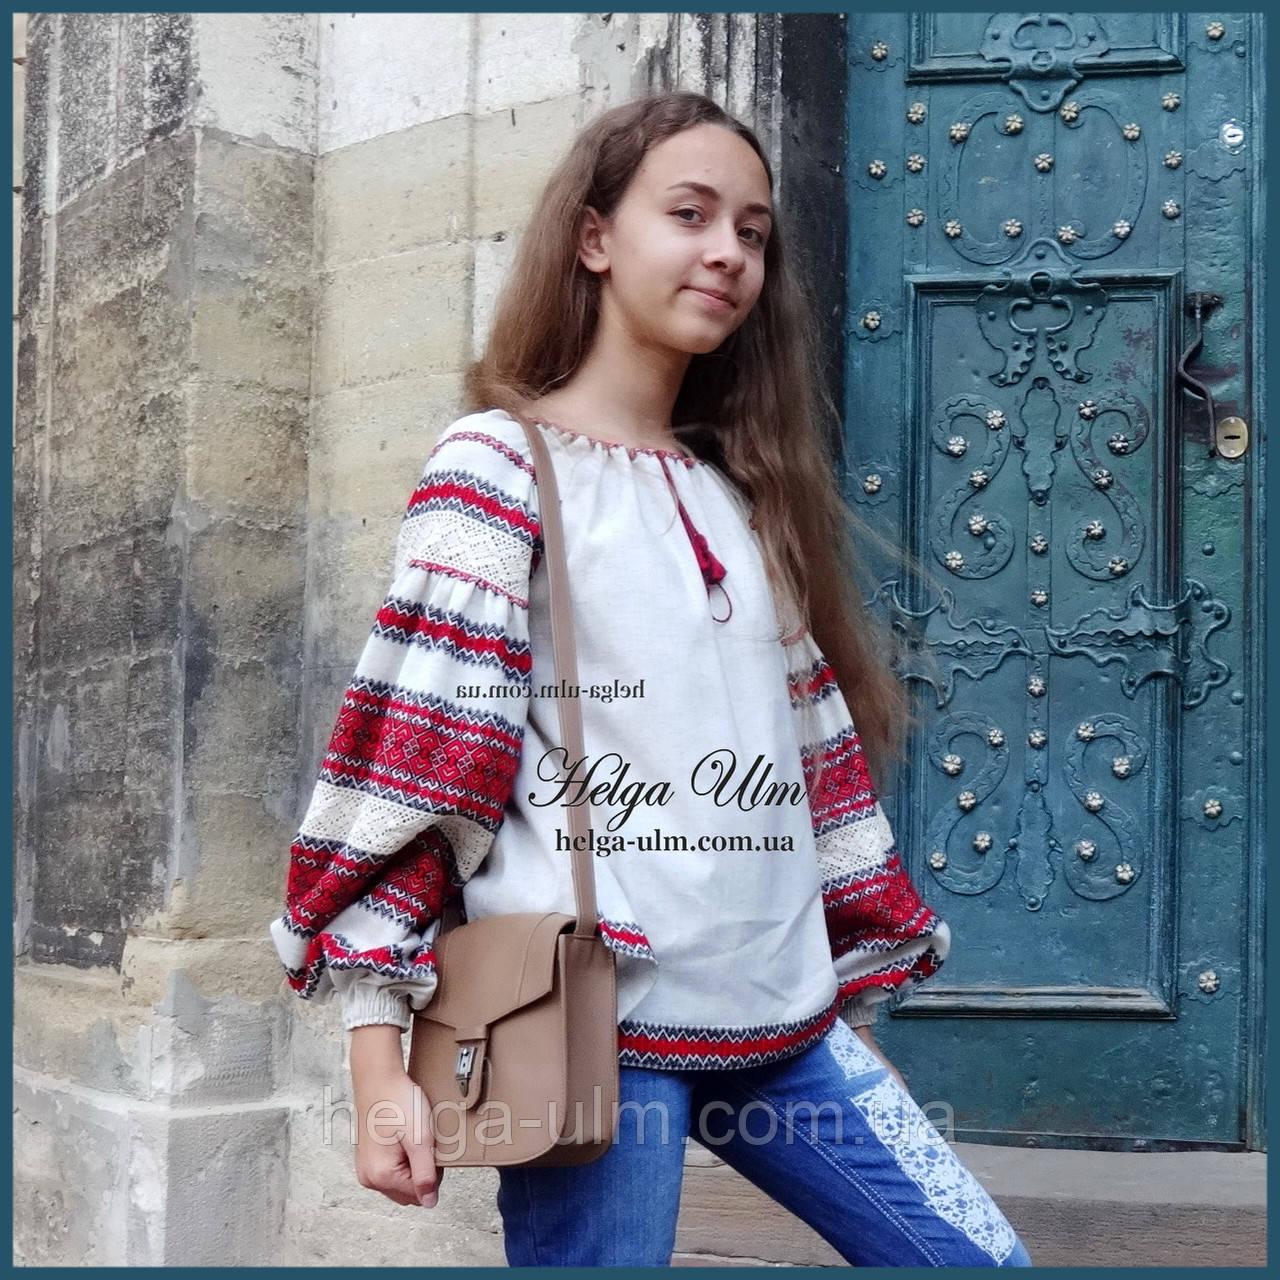 """Дитяча туніка-блуза з вишивкою і натуральним мереживом """"Катерина"""" - 98 р."""